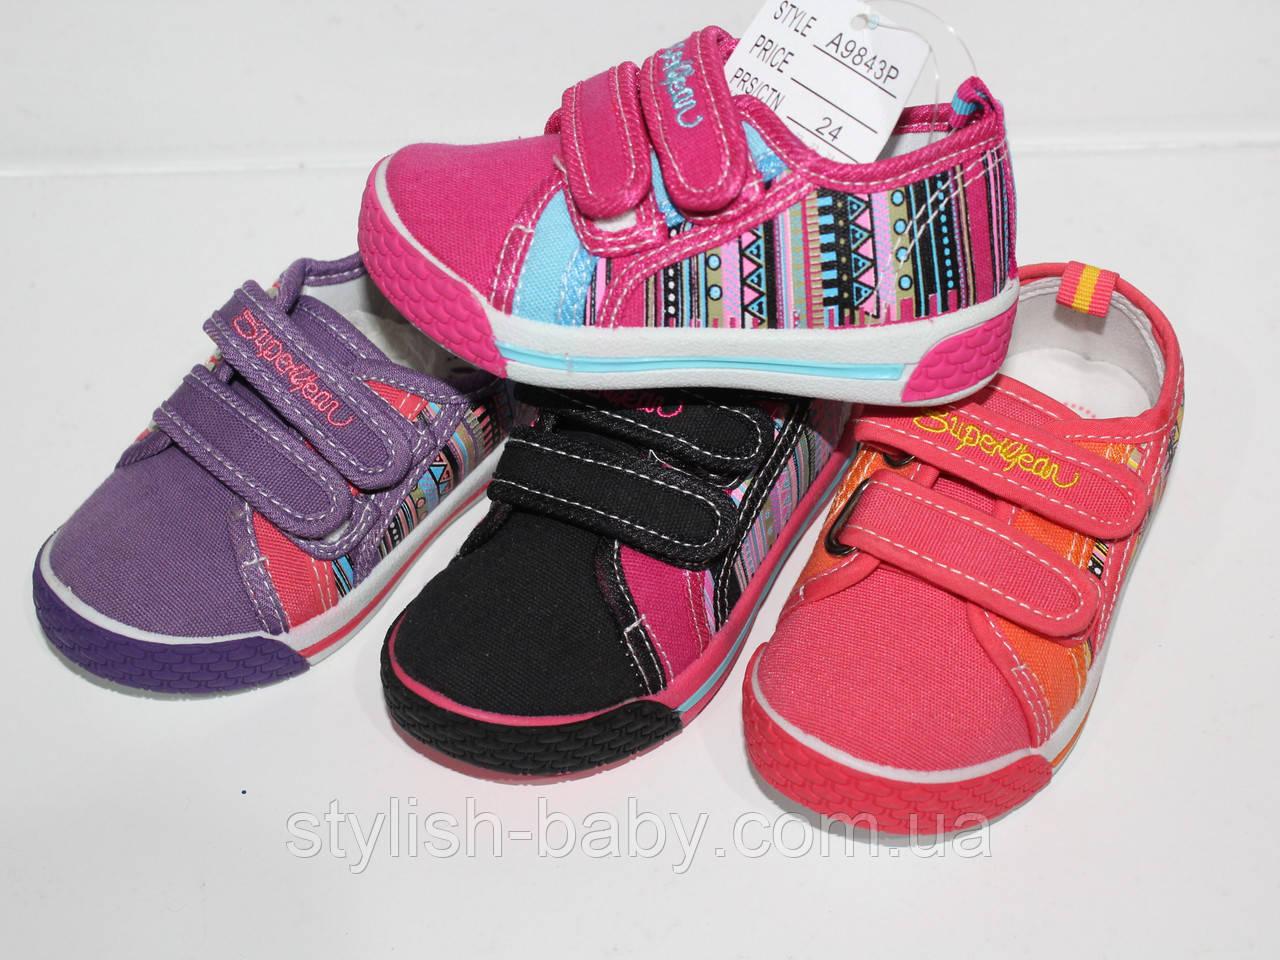 cf02c6a13 Детская обувь оптом. Детские кеды бренда Super Gear для девочек (рр. с 20  по 25), цена 82 грн., купить в Одессе — Prom.ua (ID#468063956)